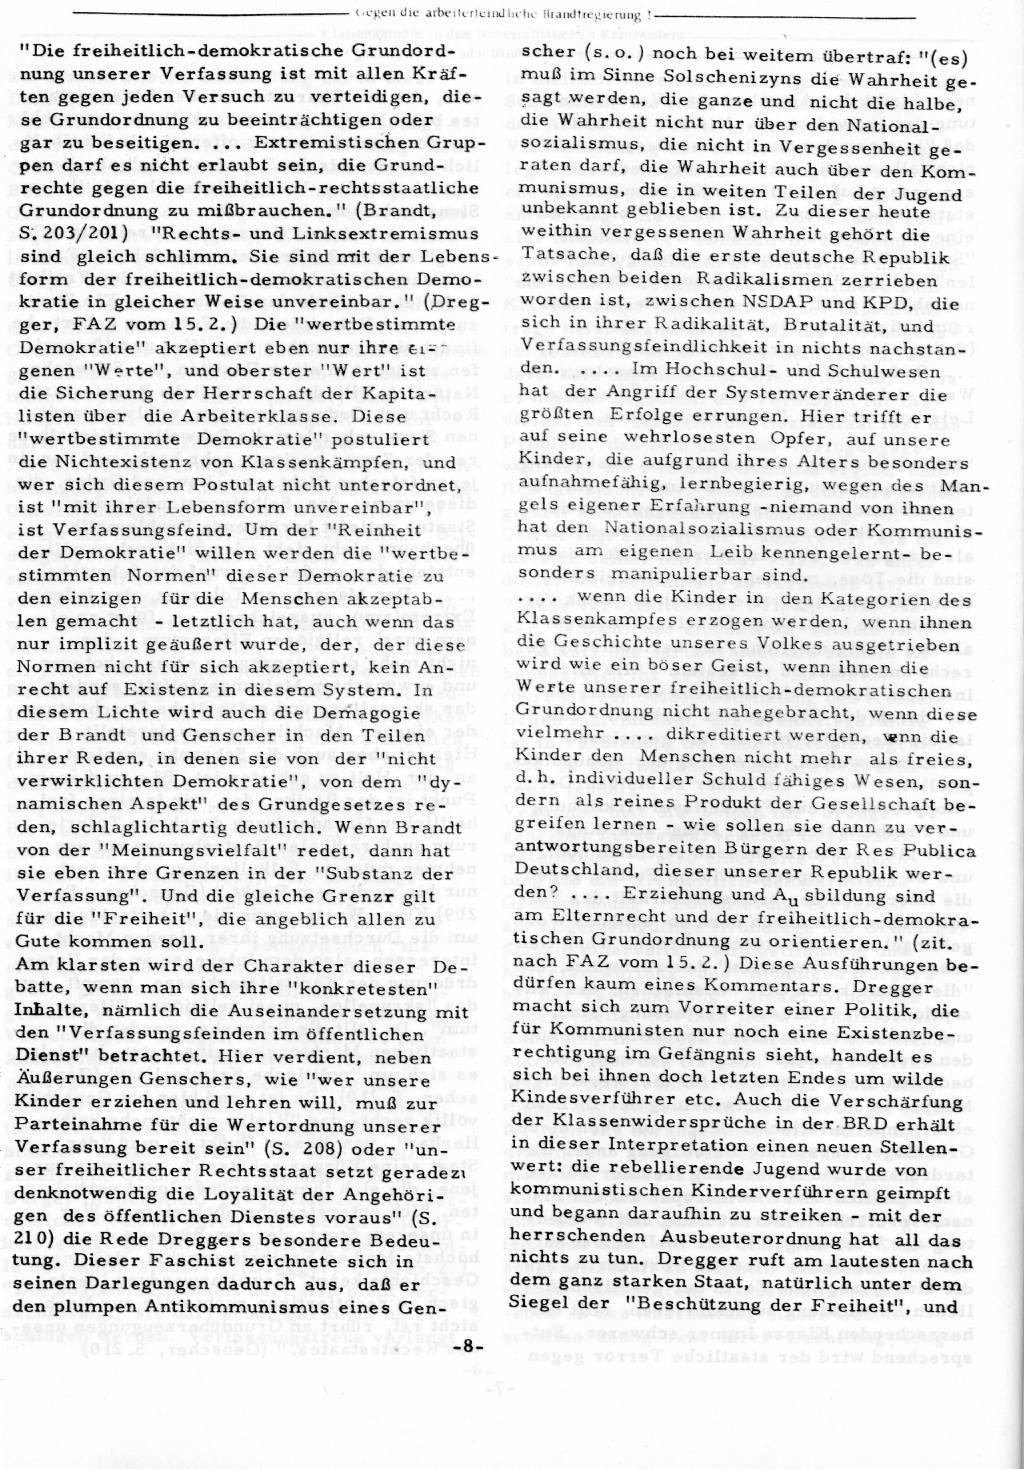 RPK_1974_07_08_08